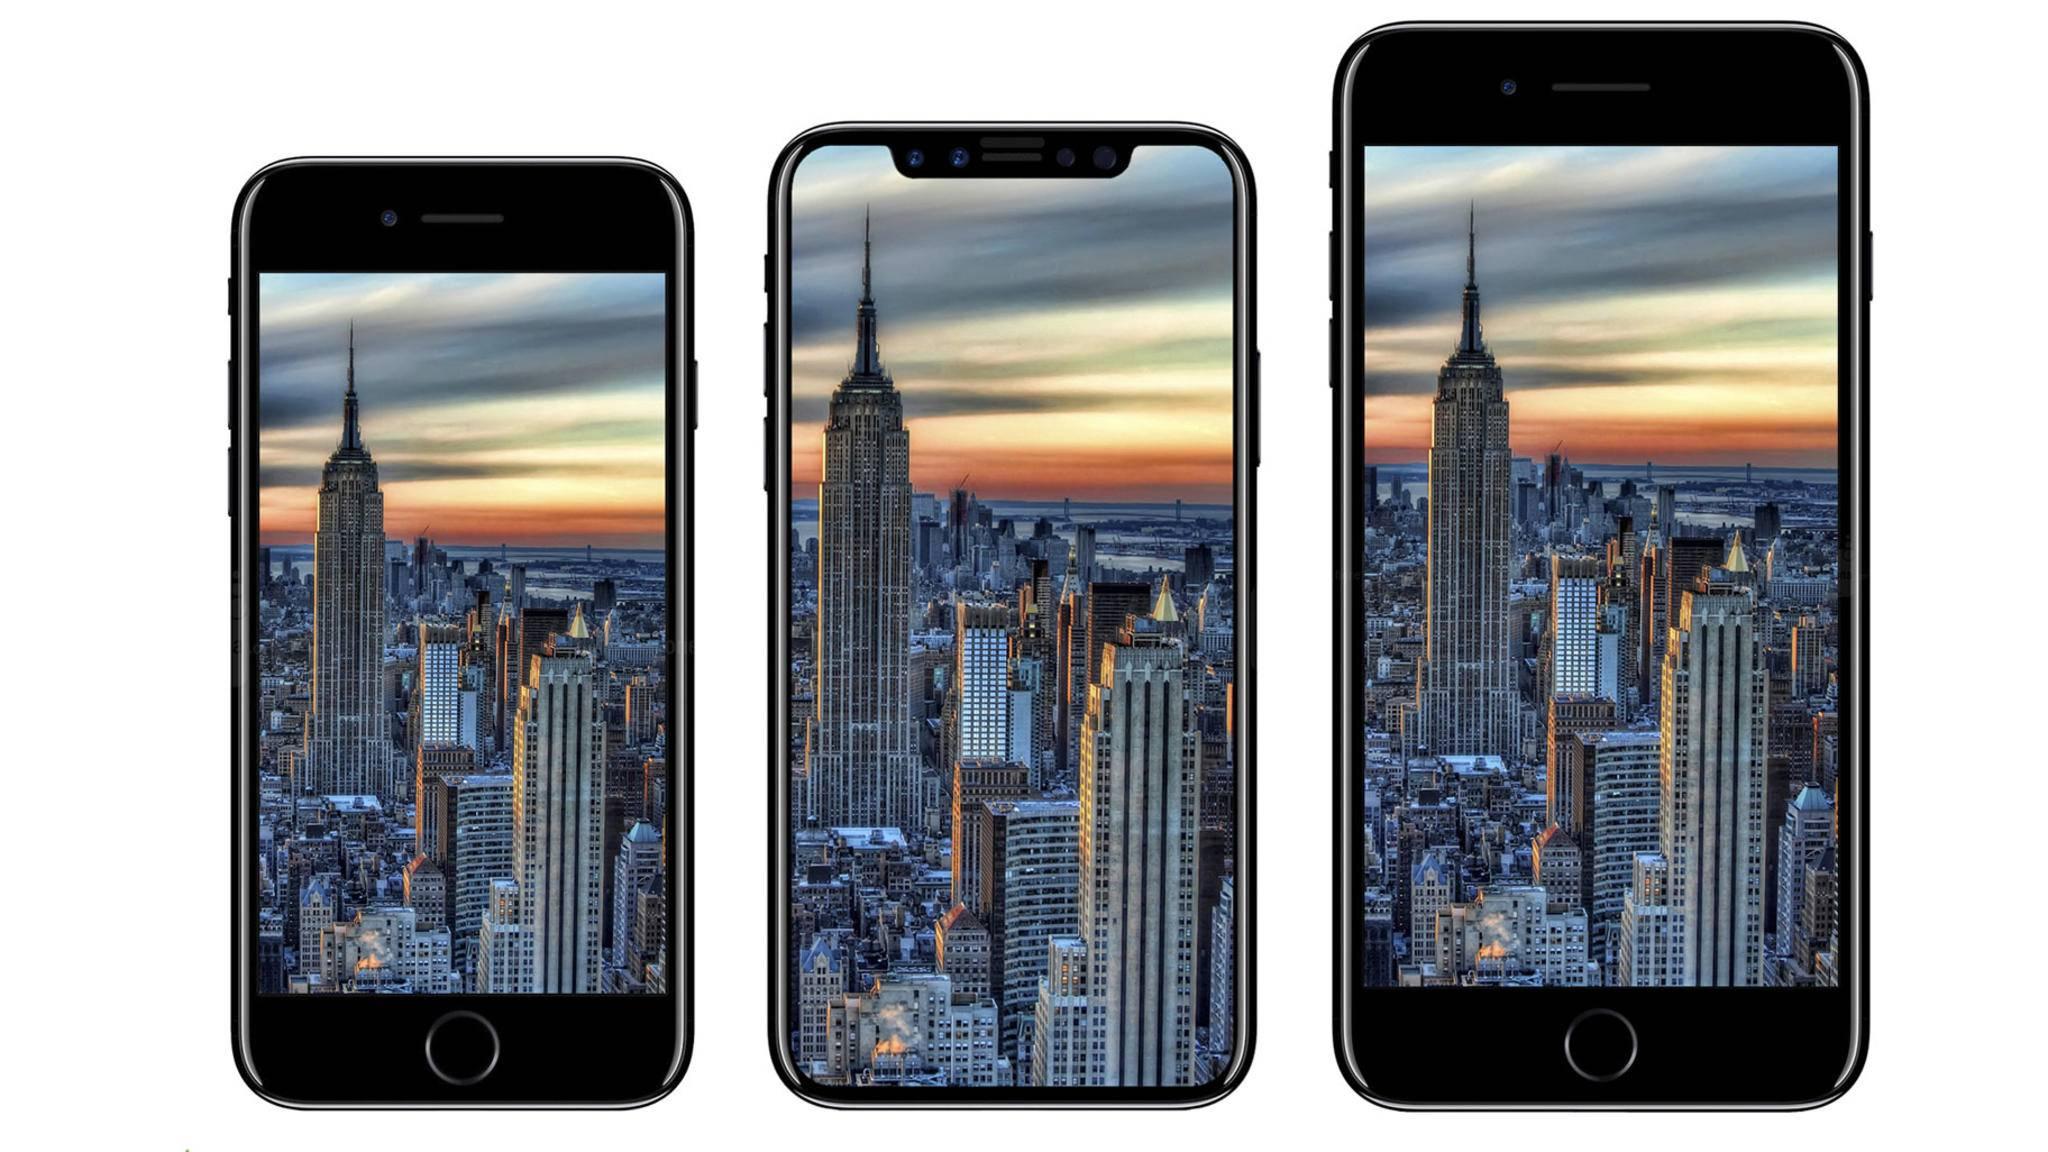 Das Objekt der Begierde, das eine lange Urlaubssperre für zahlreiche Apple-Mitarbeiter bedeutet: Das iPhone 8 als Render (Mitte).